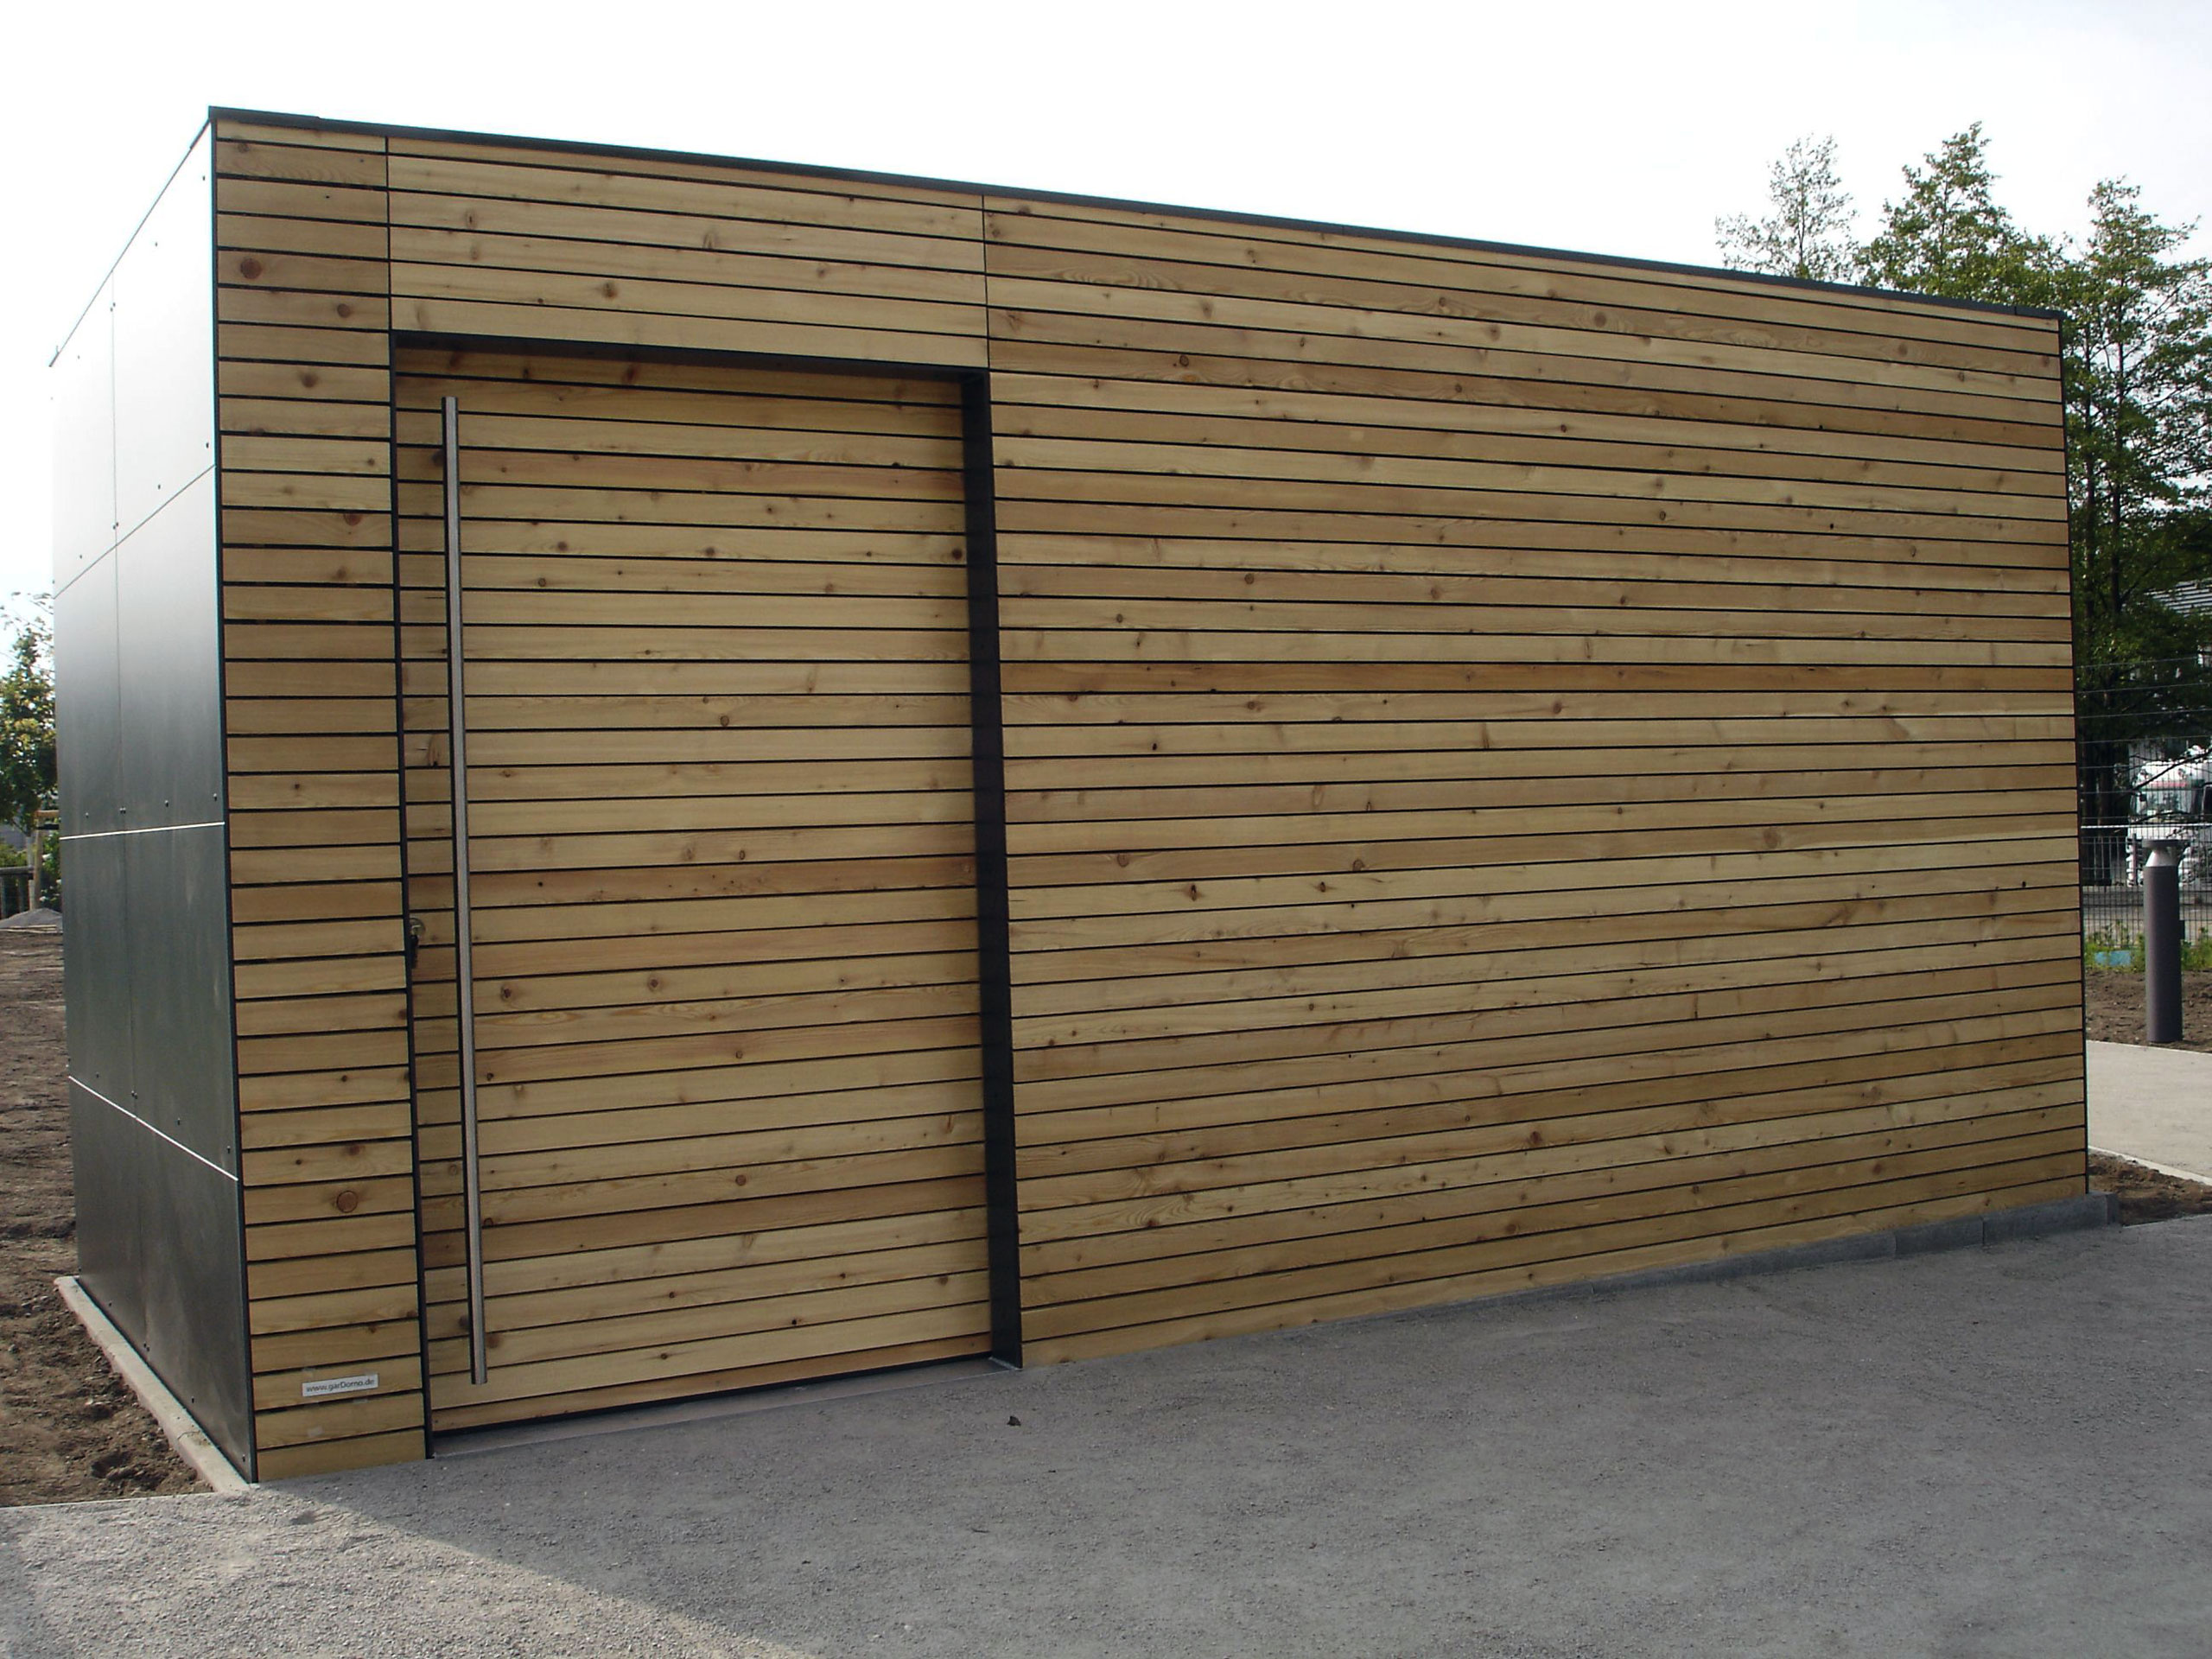 Lamellenfassade in Kombination mit TRESPA®️- ein sehr edles CUBE – Design Gartenhaus an der Elbe